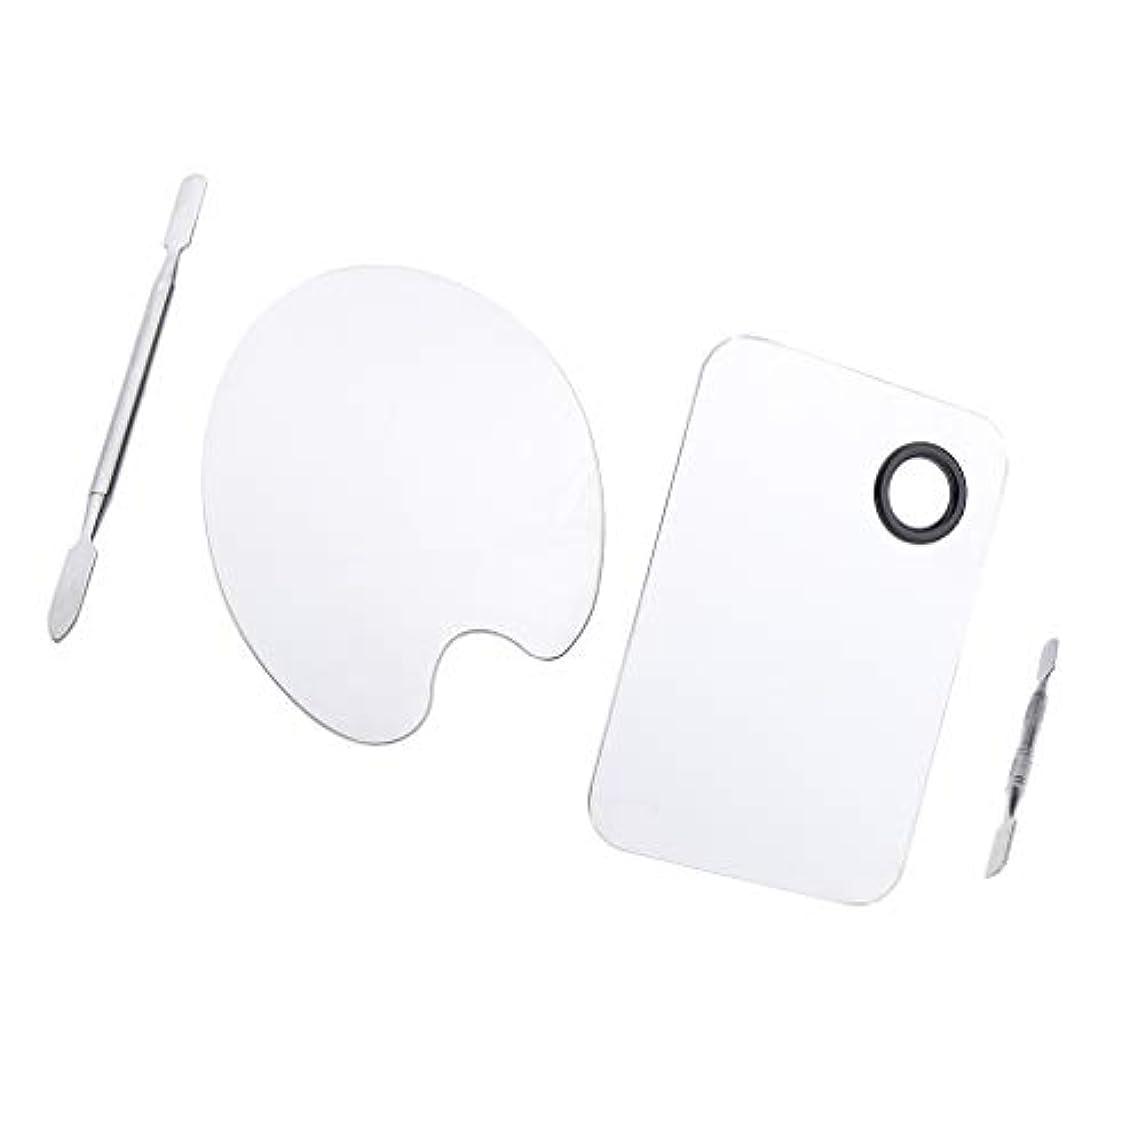 時々時々畝間方法Injoyo 5.9x3.9インチの長方形のメイクアップパレットとスパチュラセット付きのブレンドパレットと4.9x3.5インチの楕円形の化粧品ミキシングツールキット(ステンレス)